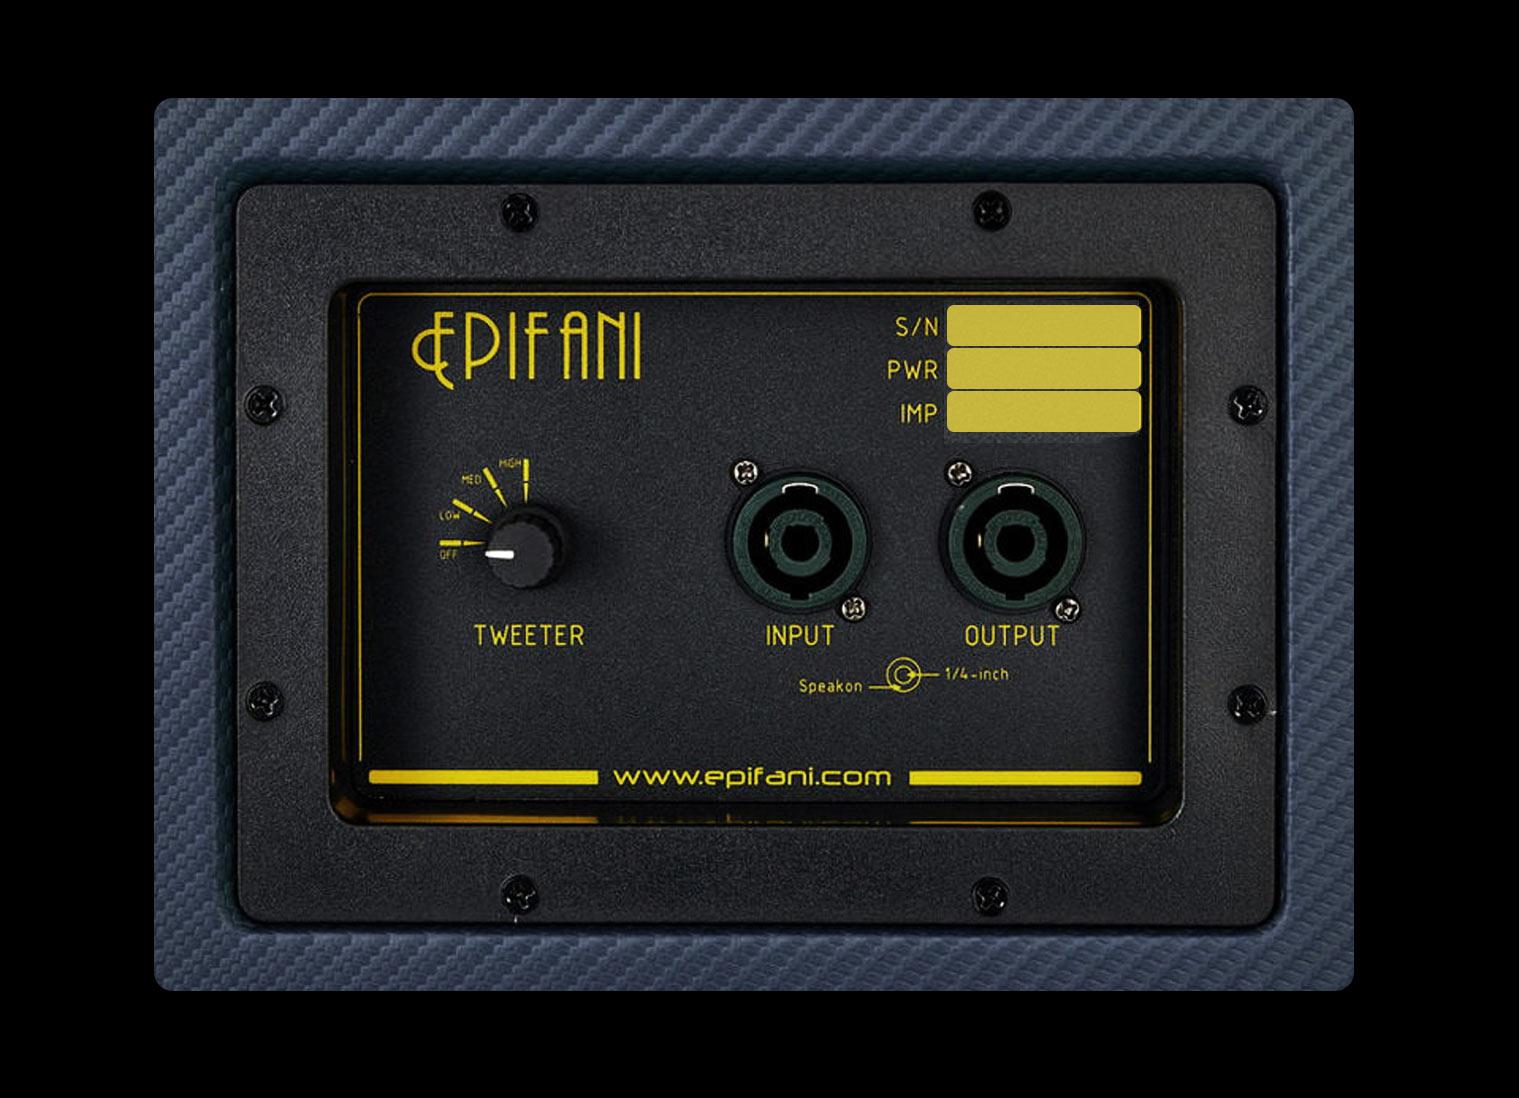 epifani-tour-bass-cab-control-panel.jpg